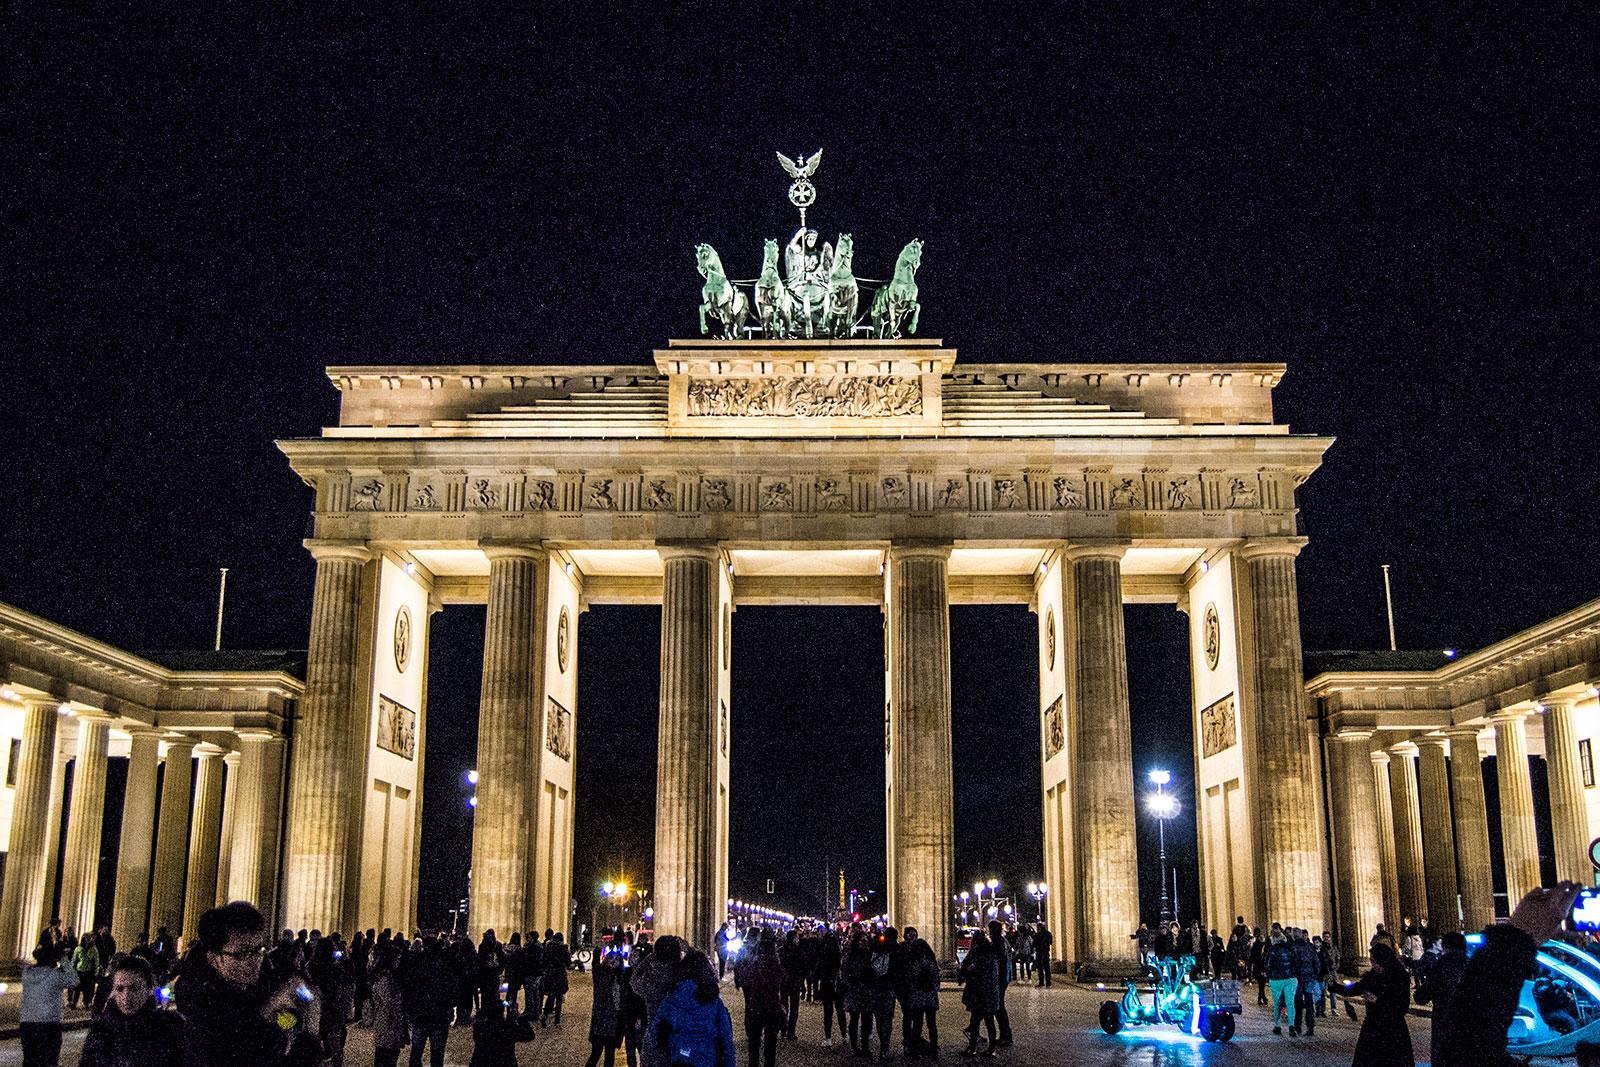 Puerta de Brandemburgo de noche - día 3 en Berlín